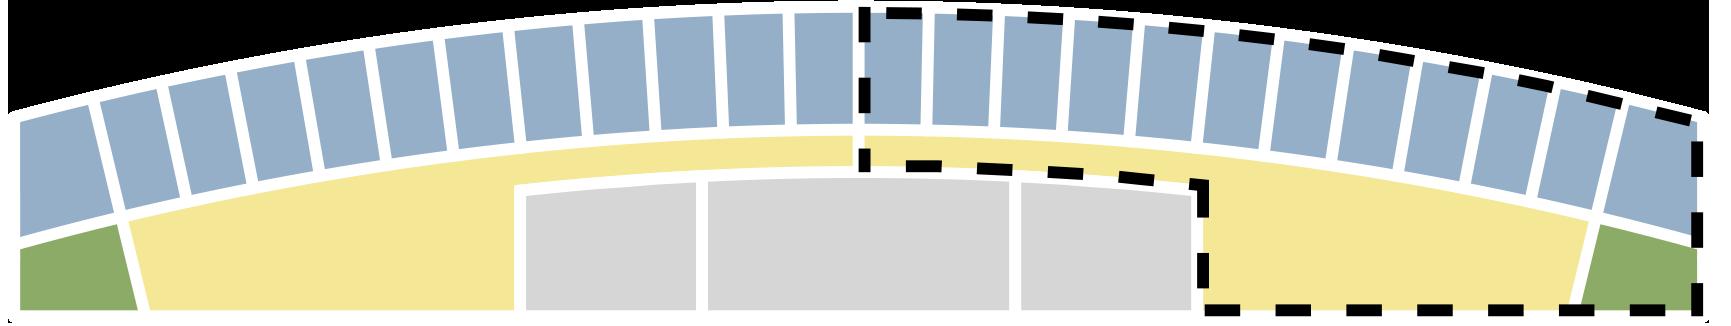 Hver etage består af 24 eller 26 værelser (blåt) fordelt i to ganggrupper (gult), der består af køkken, stue, og en terrasse.